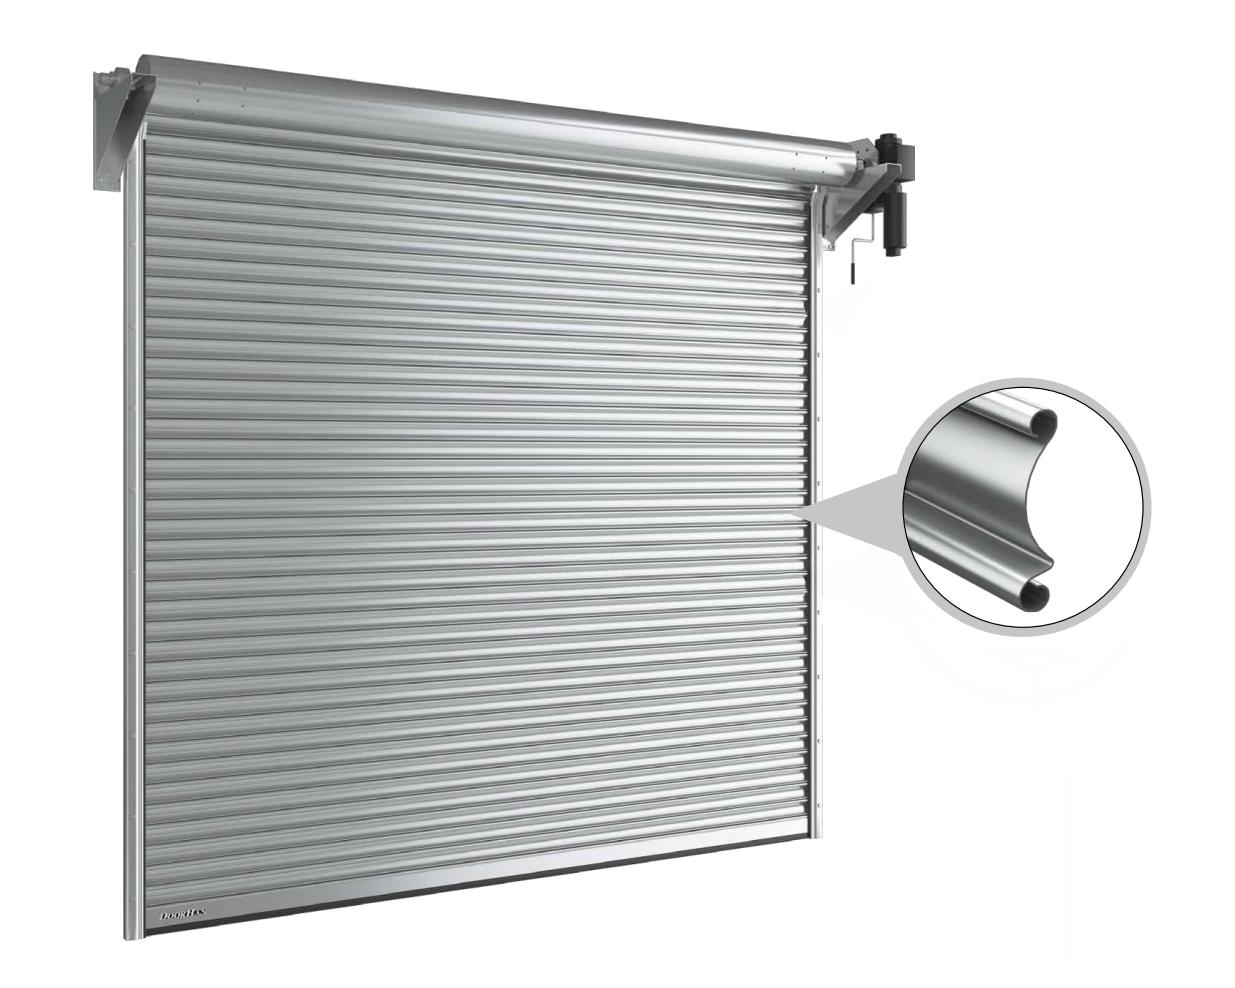 Рулонные ворота DoorHan с вальным приводом из сплошного стального профиля RHS117